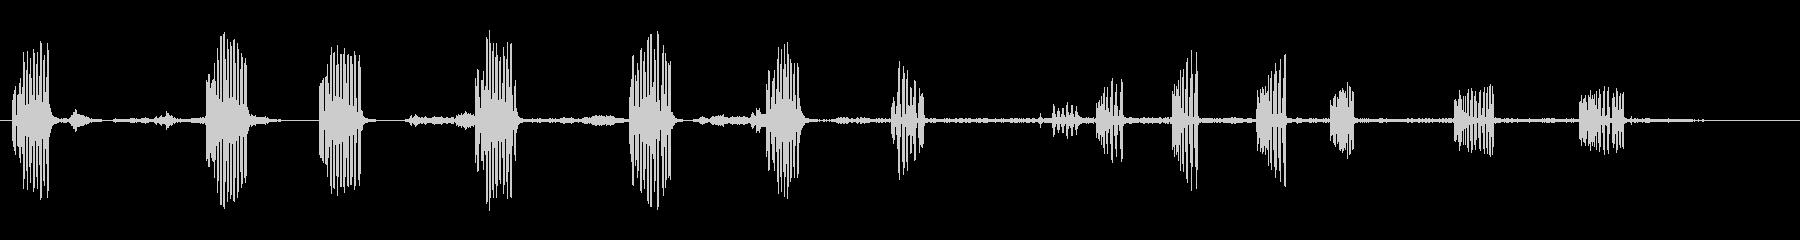 Herrerillo comun-...の未再生の波形